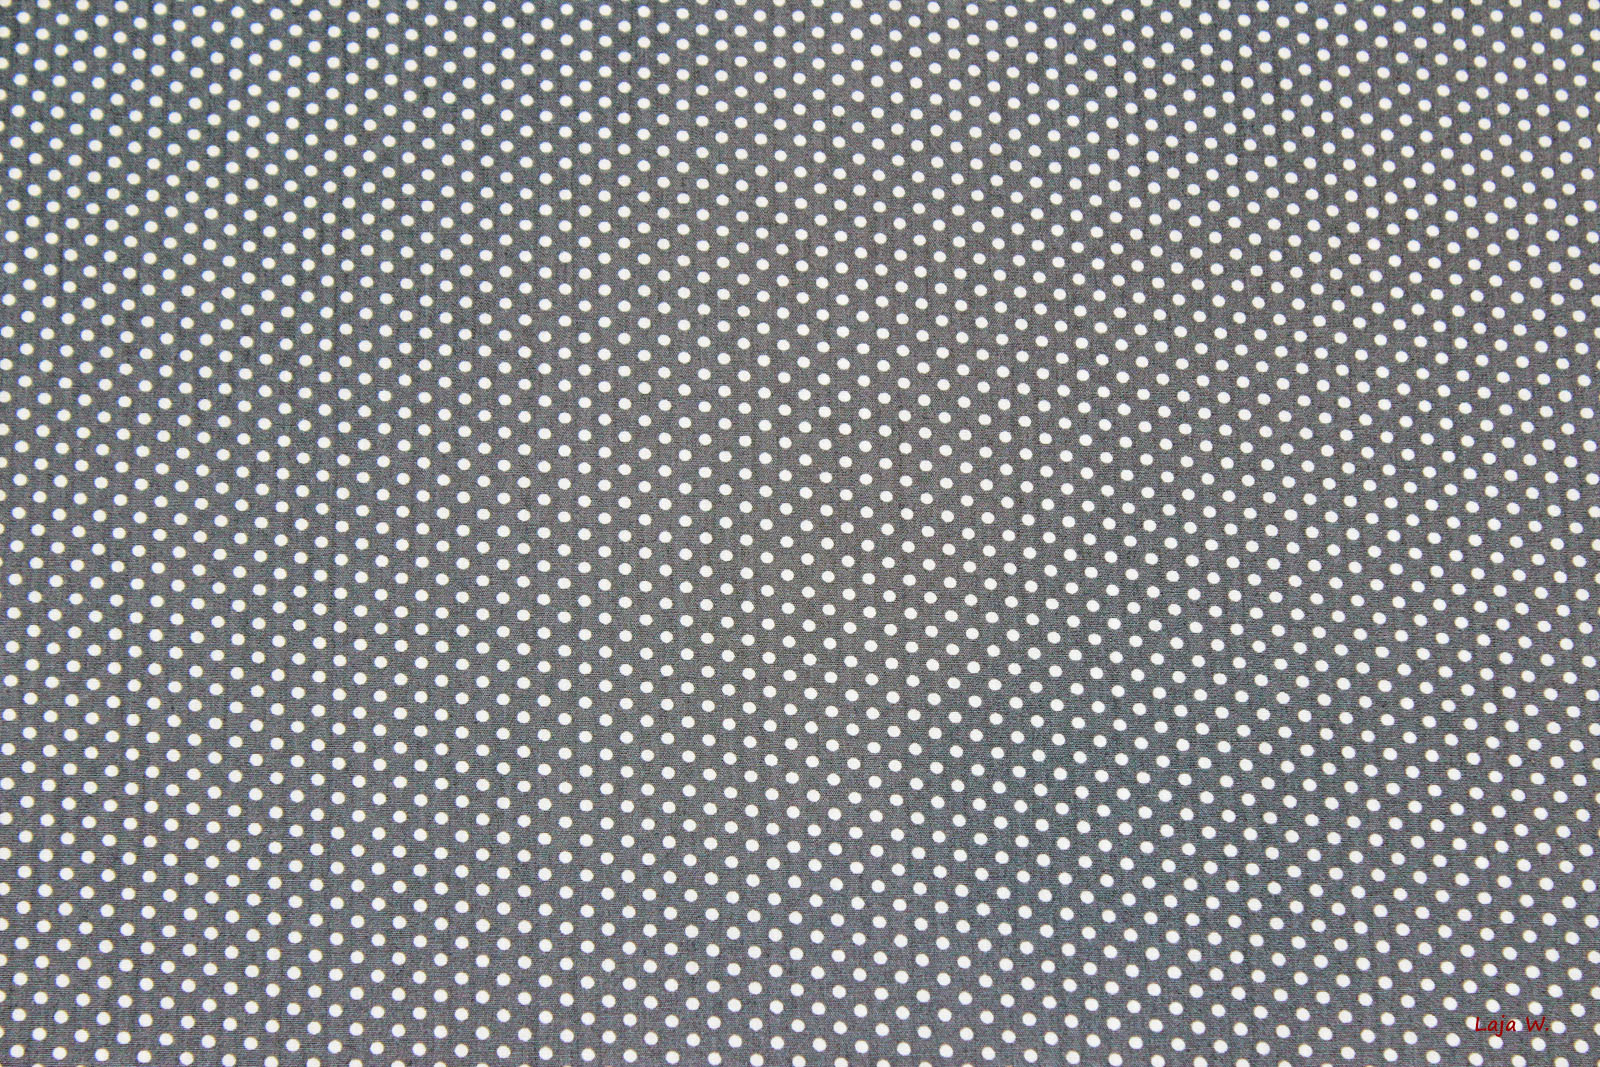 5bdb66cc1f Baumwolle Punkte grau/weiss (10 cm)